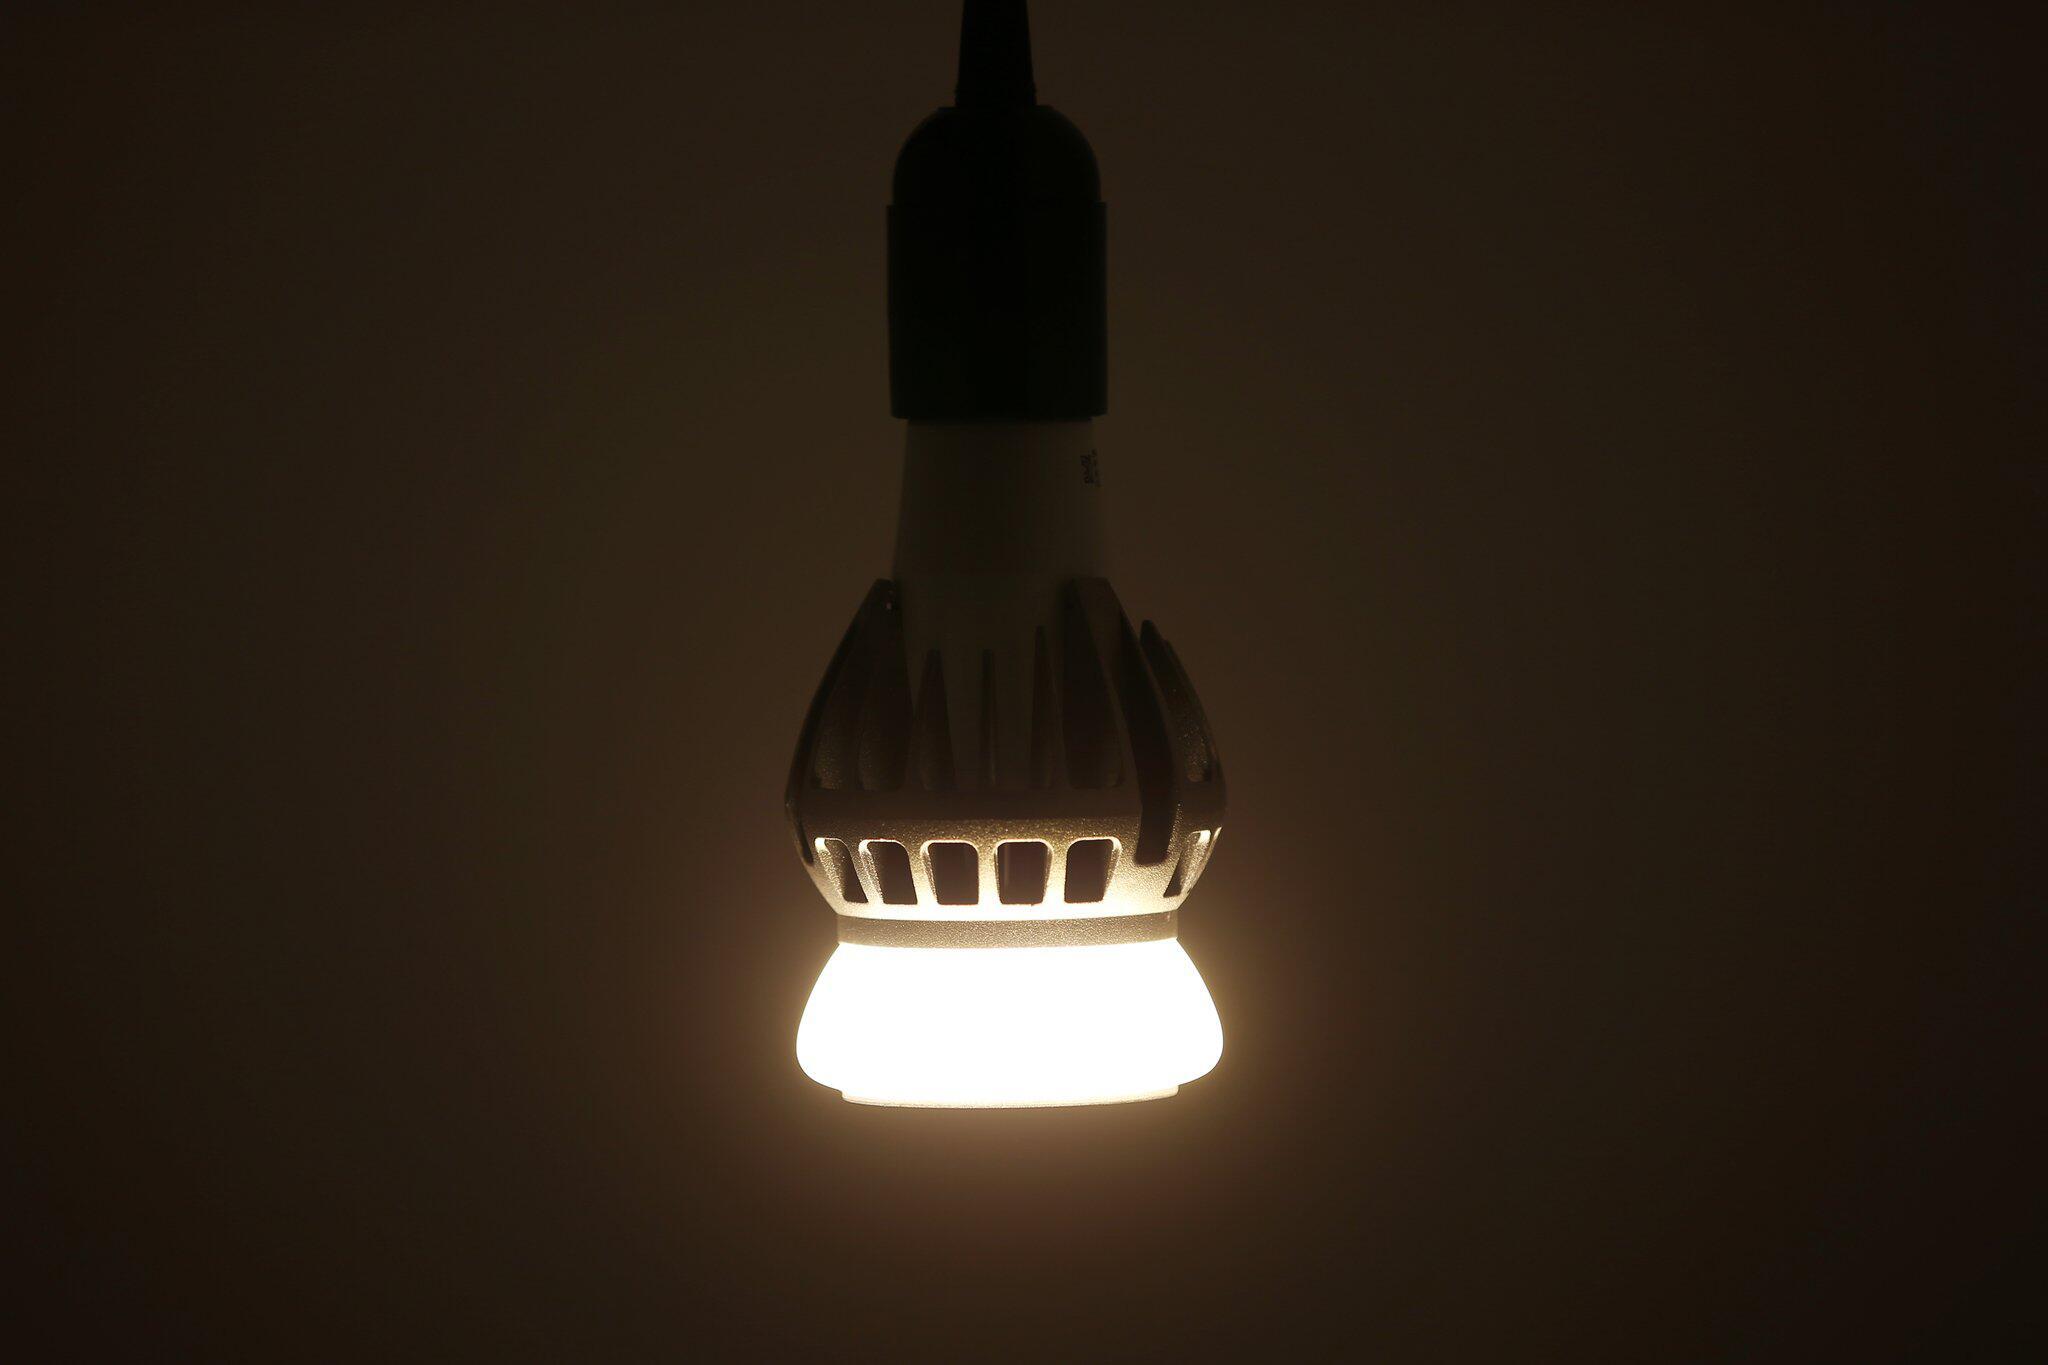 led lampen sorgen f r mehr lichtverschmutzung gmx ch. Black Bedroom Furniture Sets. Home Design Ideas